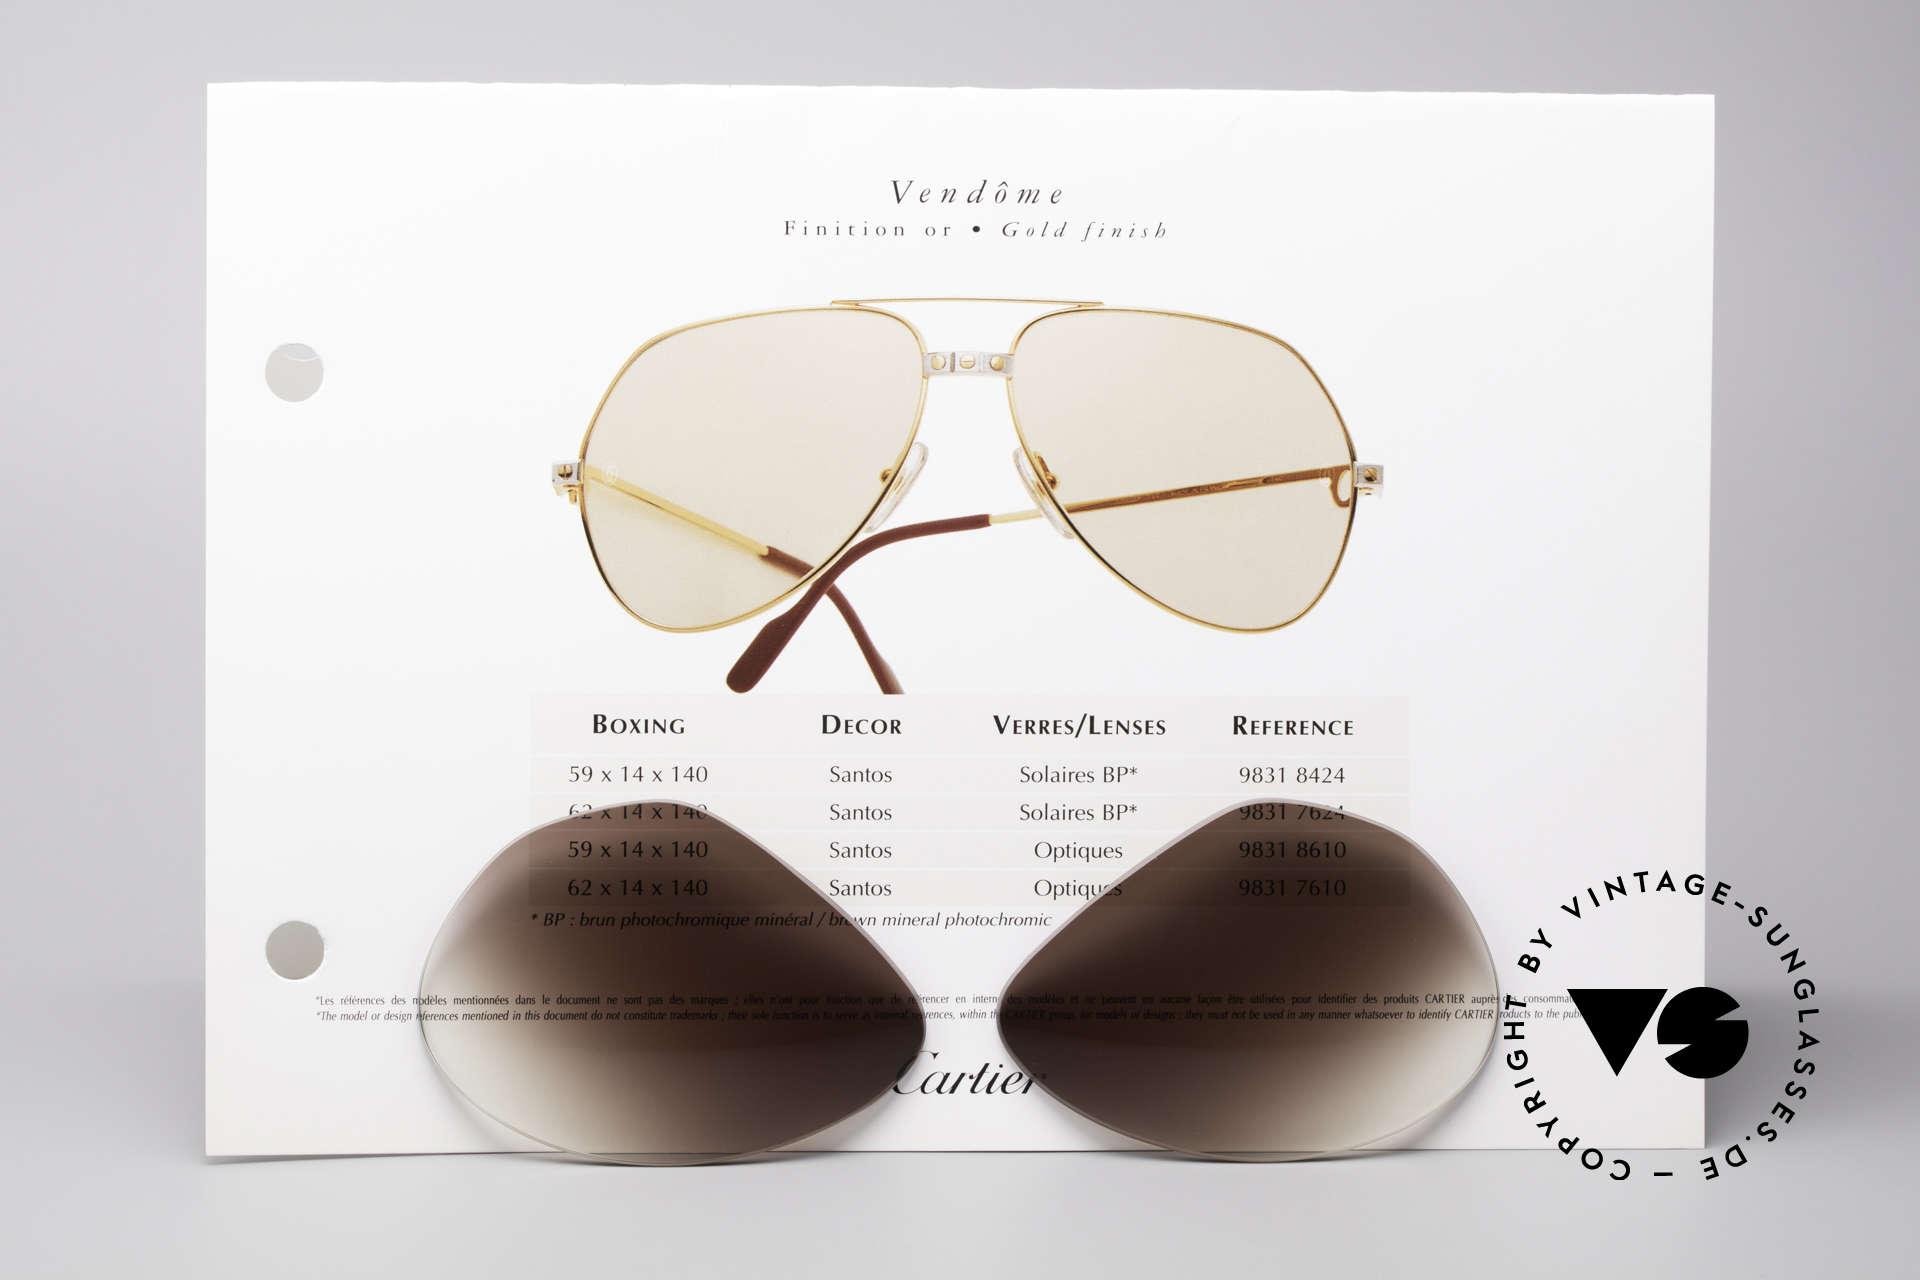 Cartier Vendome Lenses - L Sonnengläser Braun Verlauf, eleganter brauner Verlauf (nach unten heller werdend), Passend für Herren